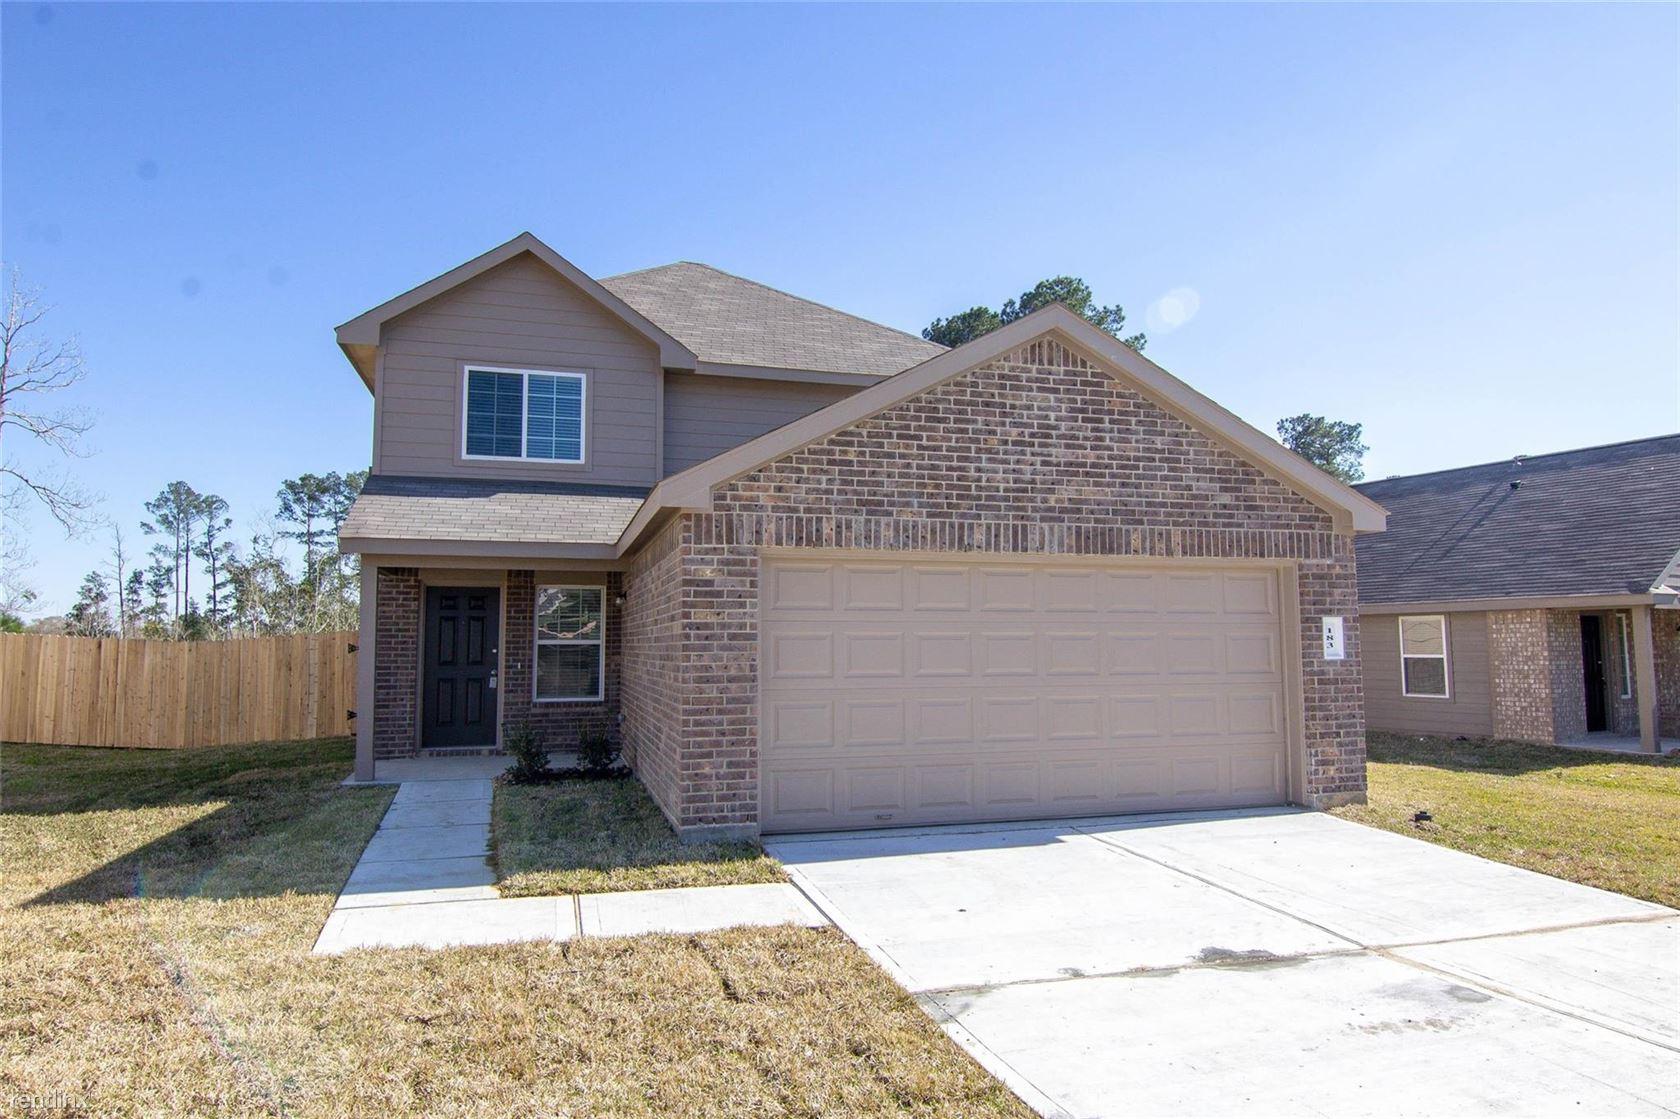 183 Spring Meadows Cir, Willis, TX - $1,650